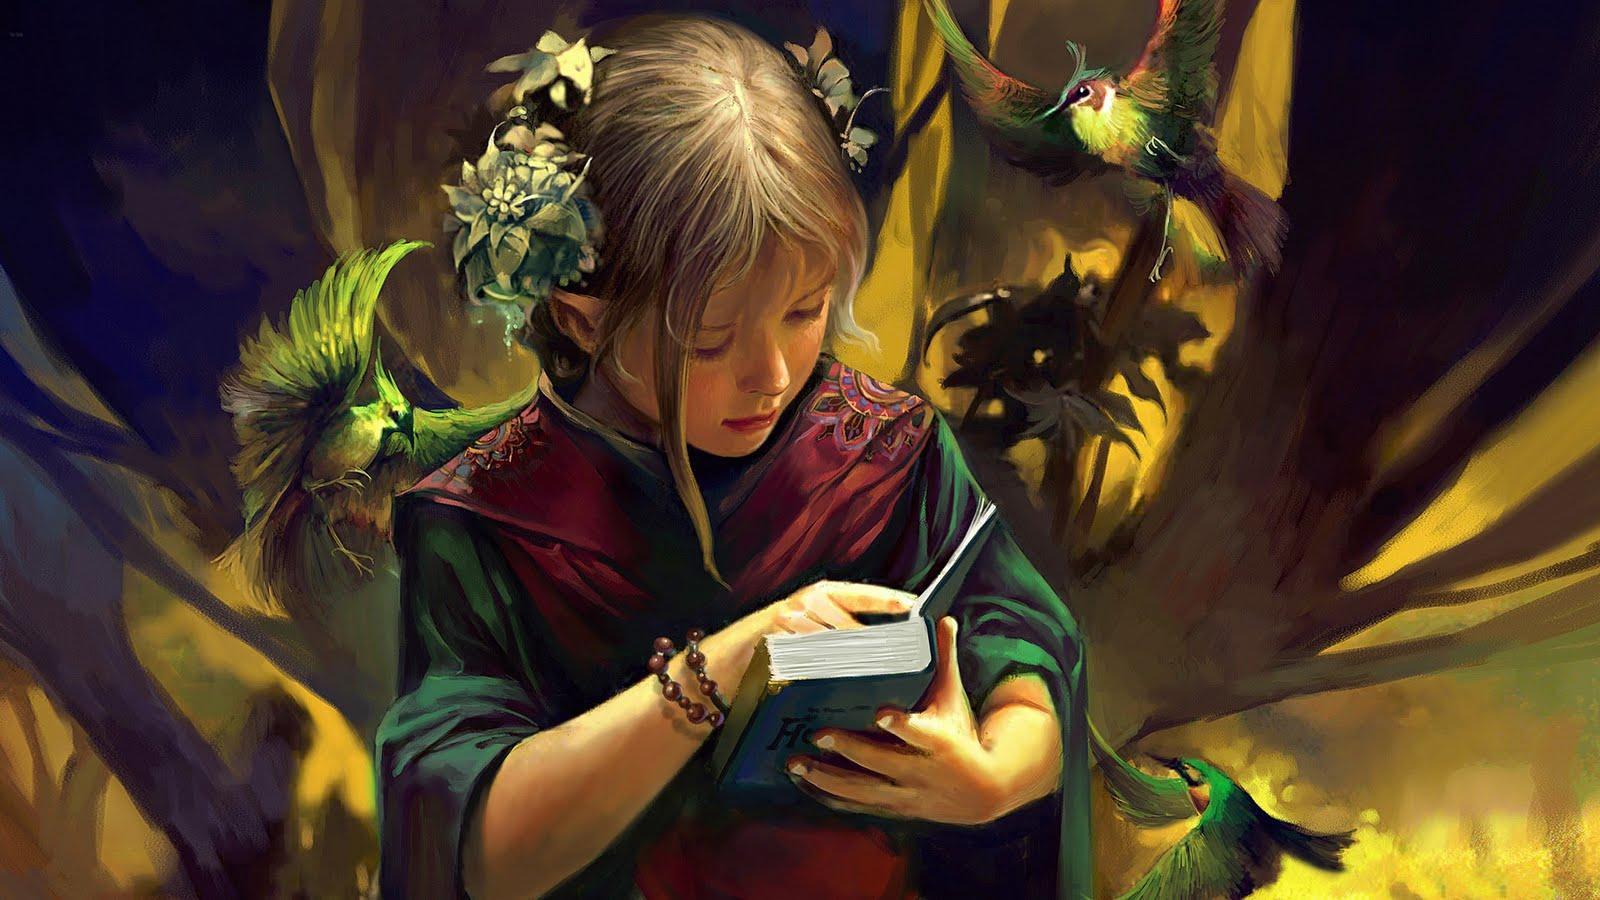 La magia en un libro - Página 5 Www.1m4g3n3s.com-cW-2